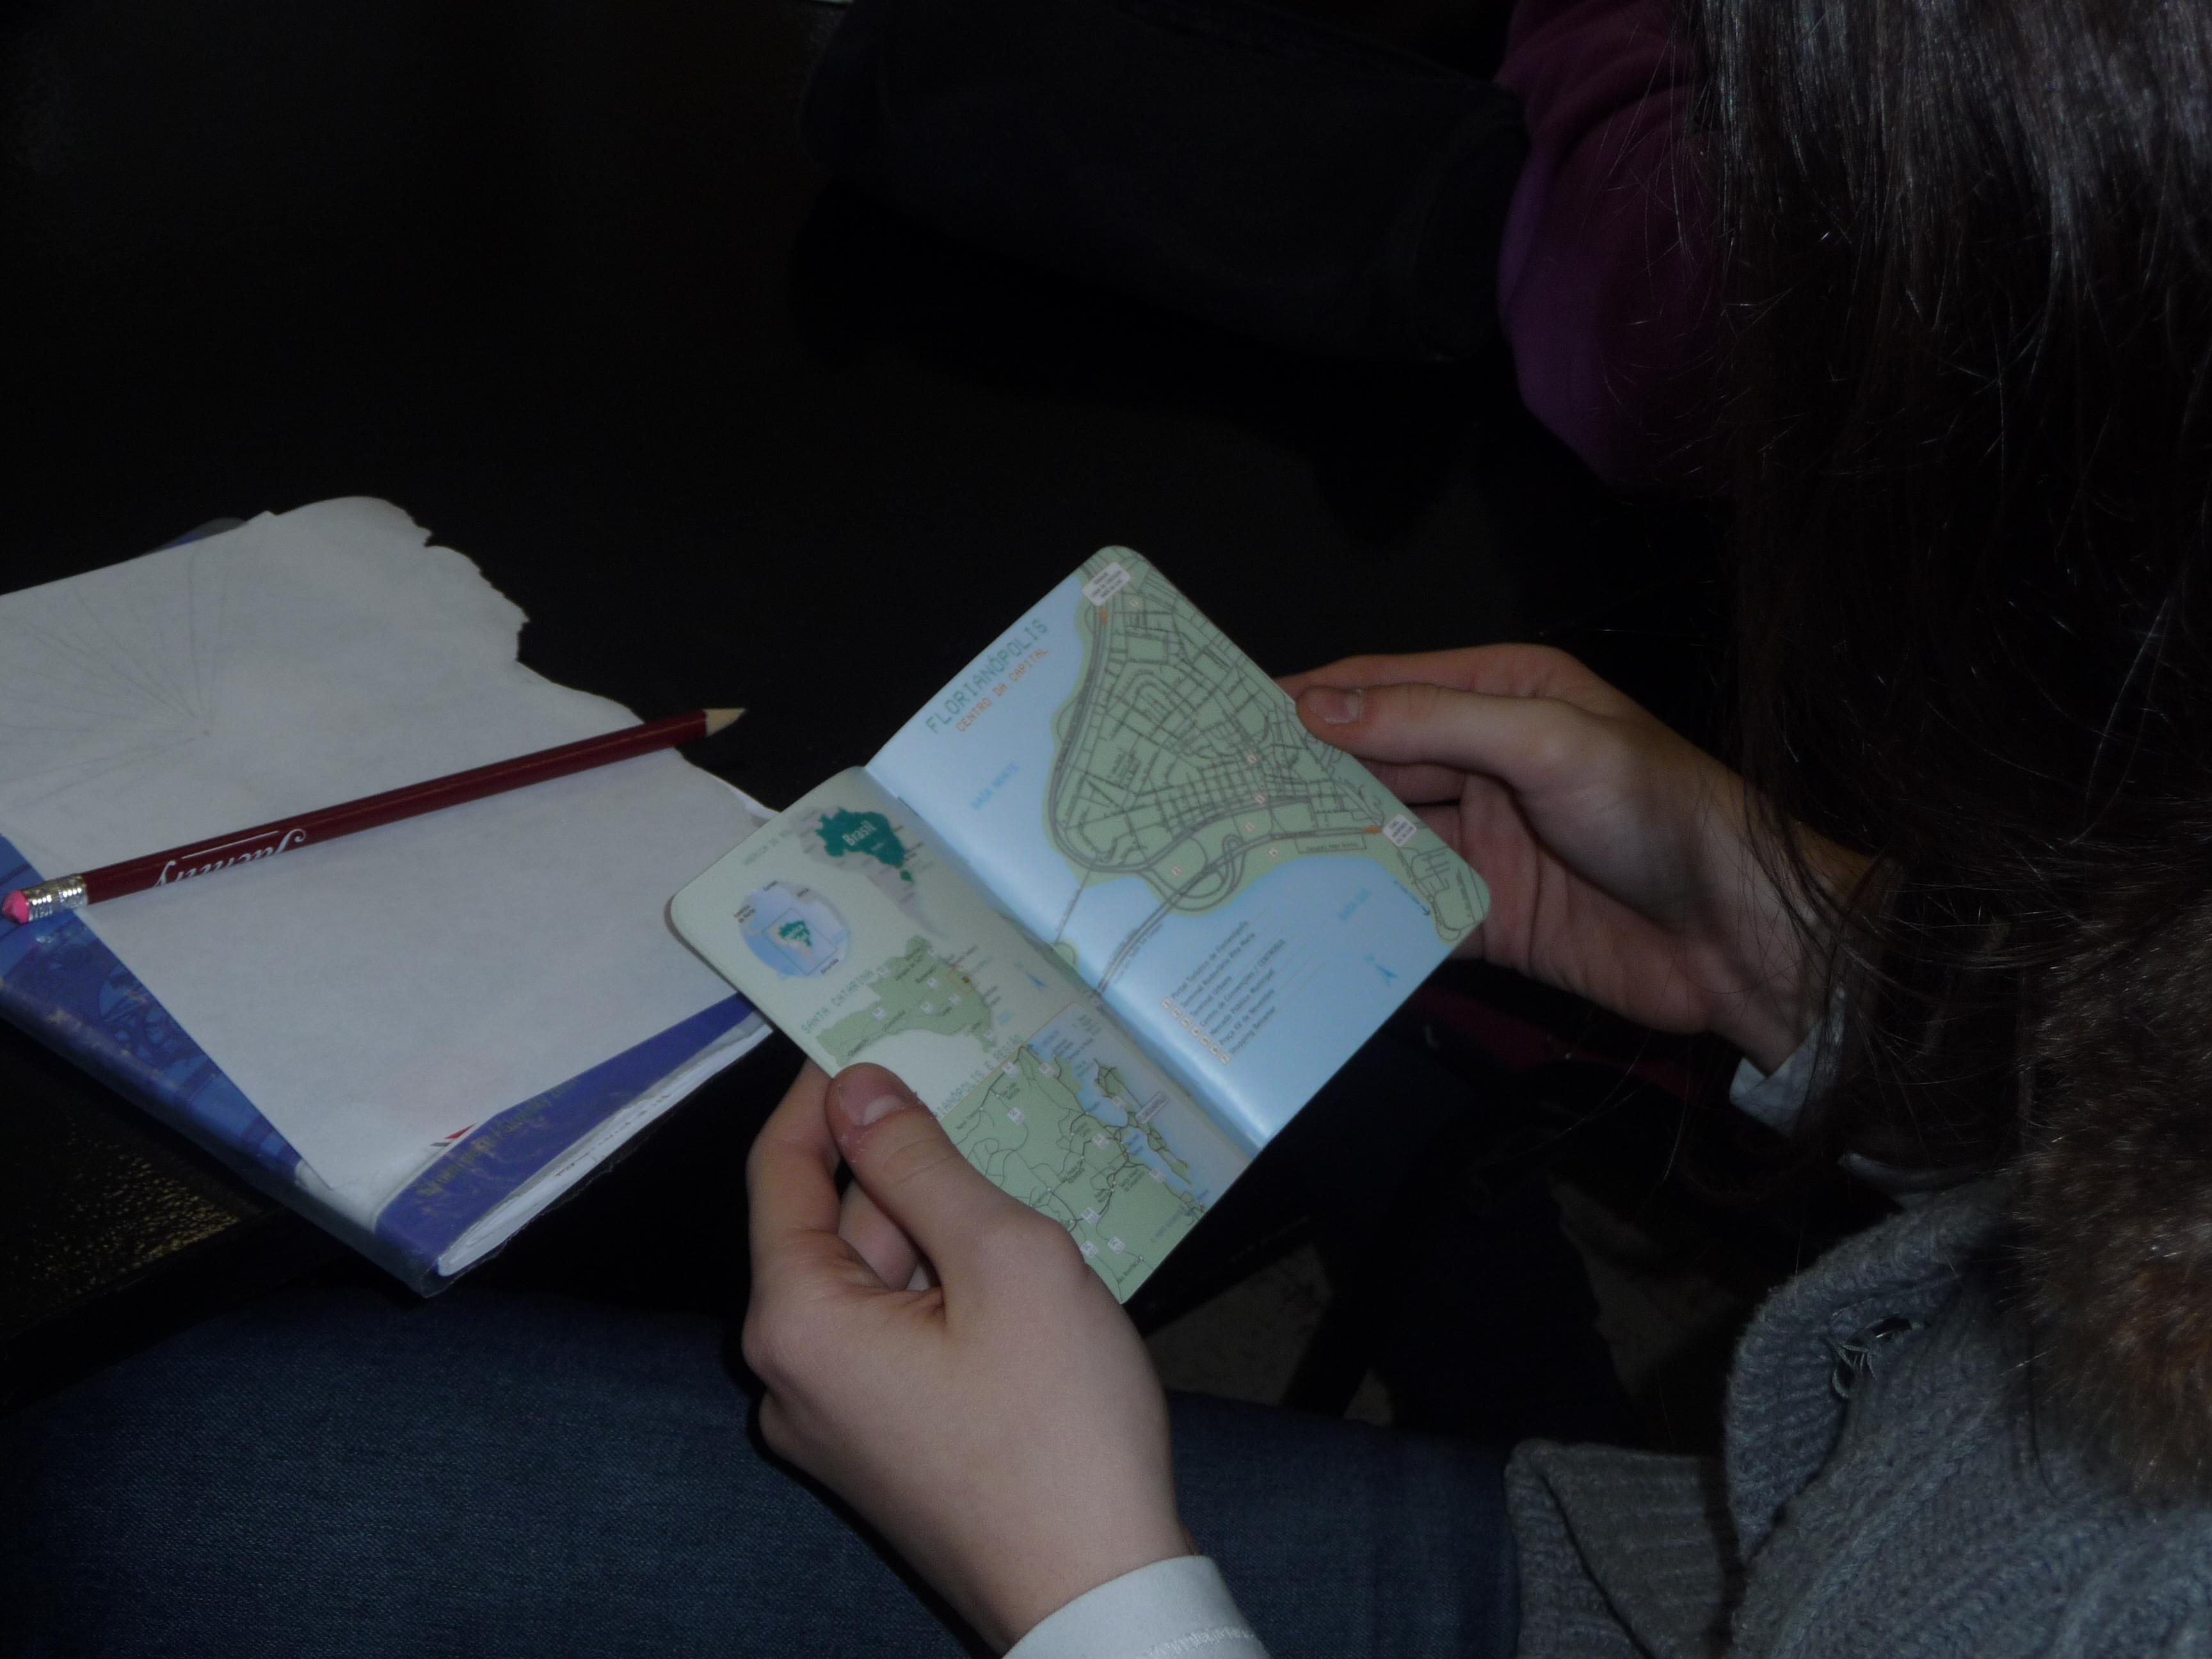 Naša škola očami zahraničných študentov z projektu Educate Slovakia